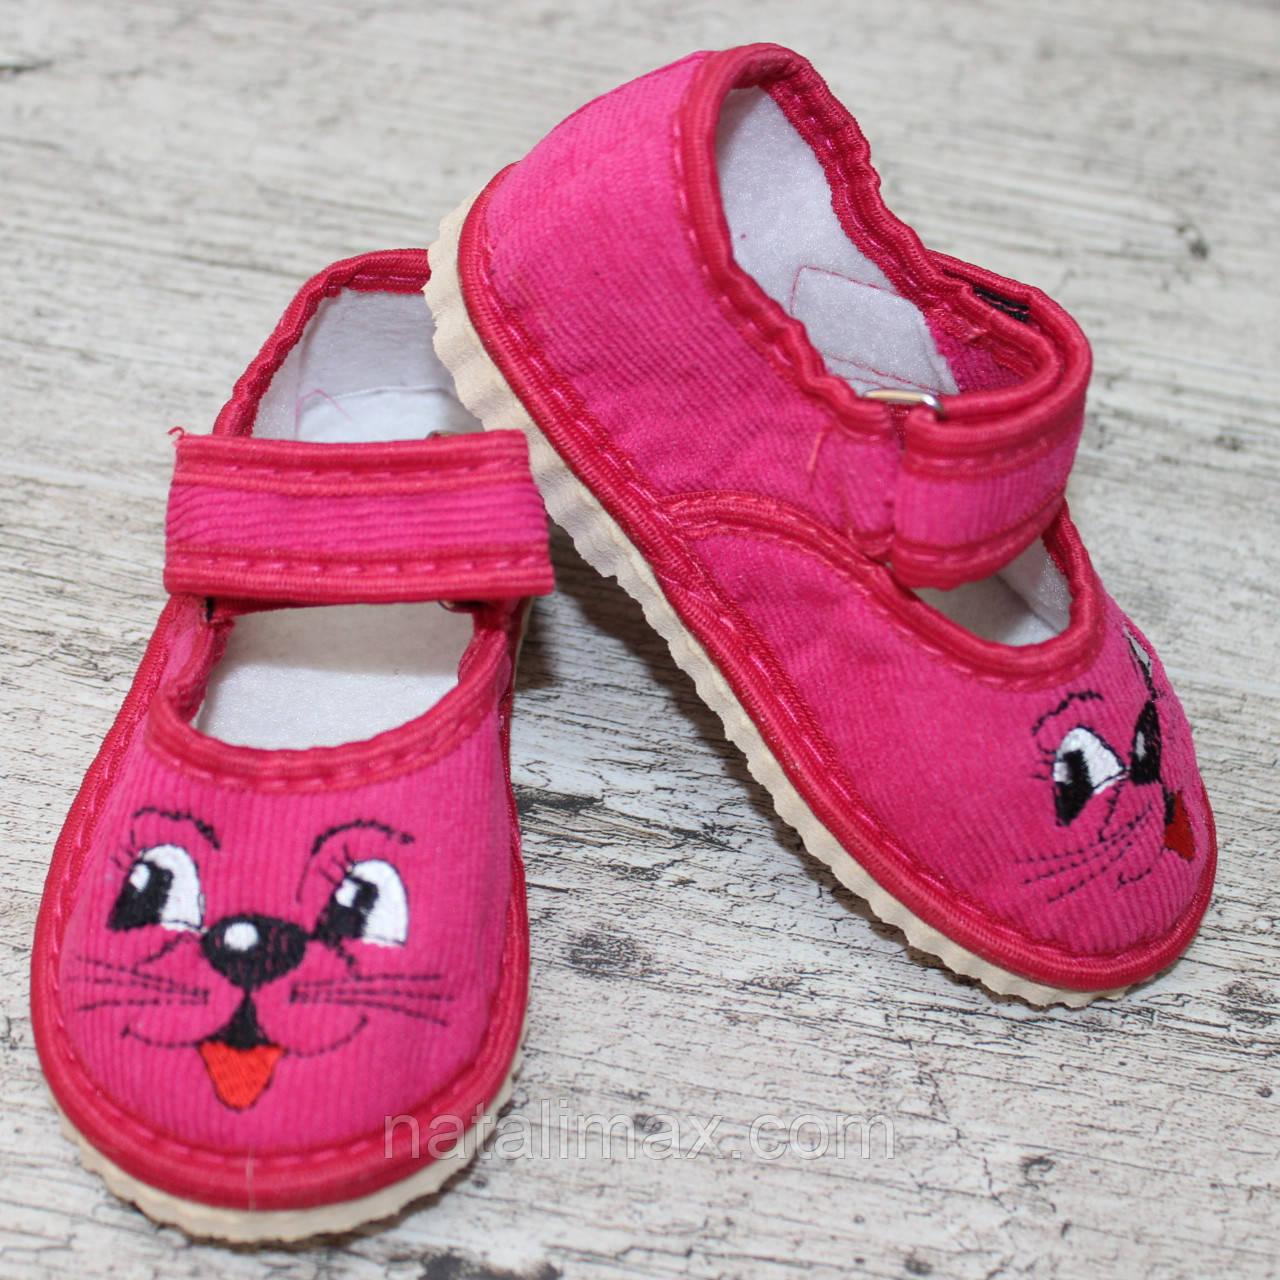 Тапочки на липучках, детские, РОСТОВКА от 23 до 28, Тапочки для садика, обувь для дома